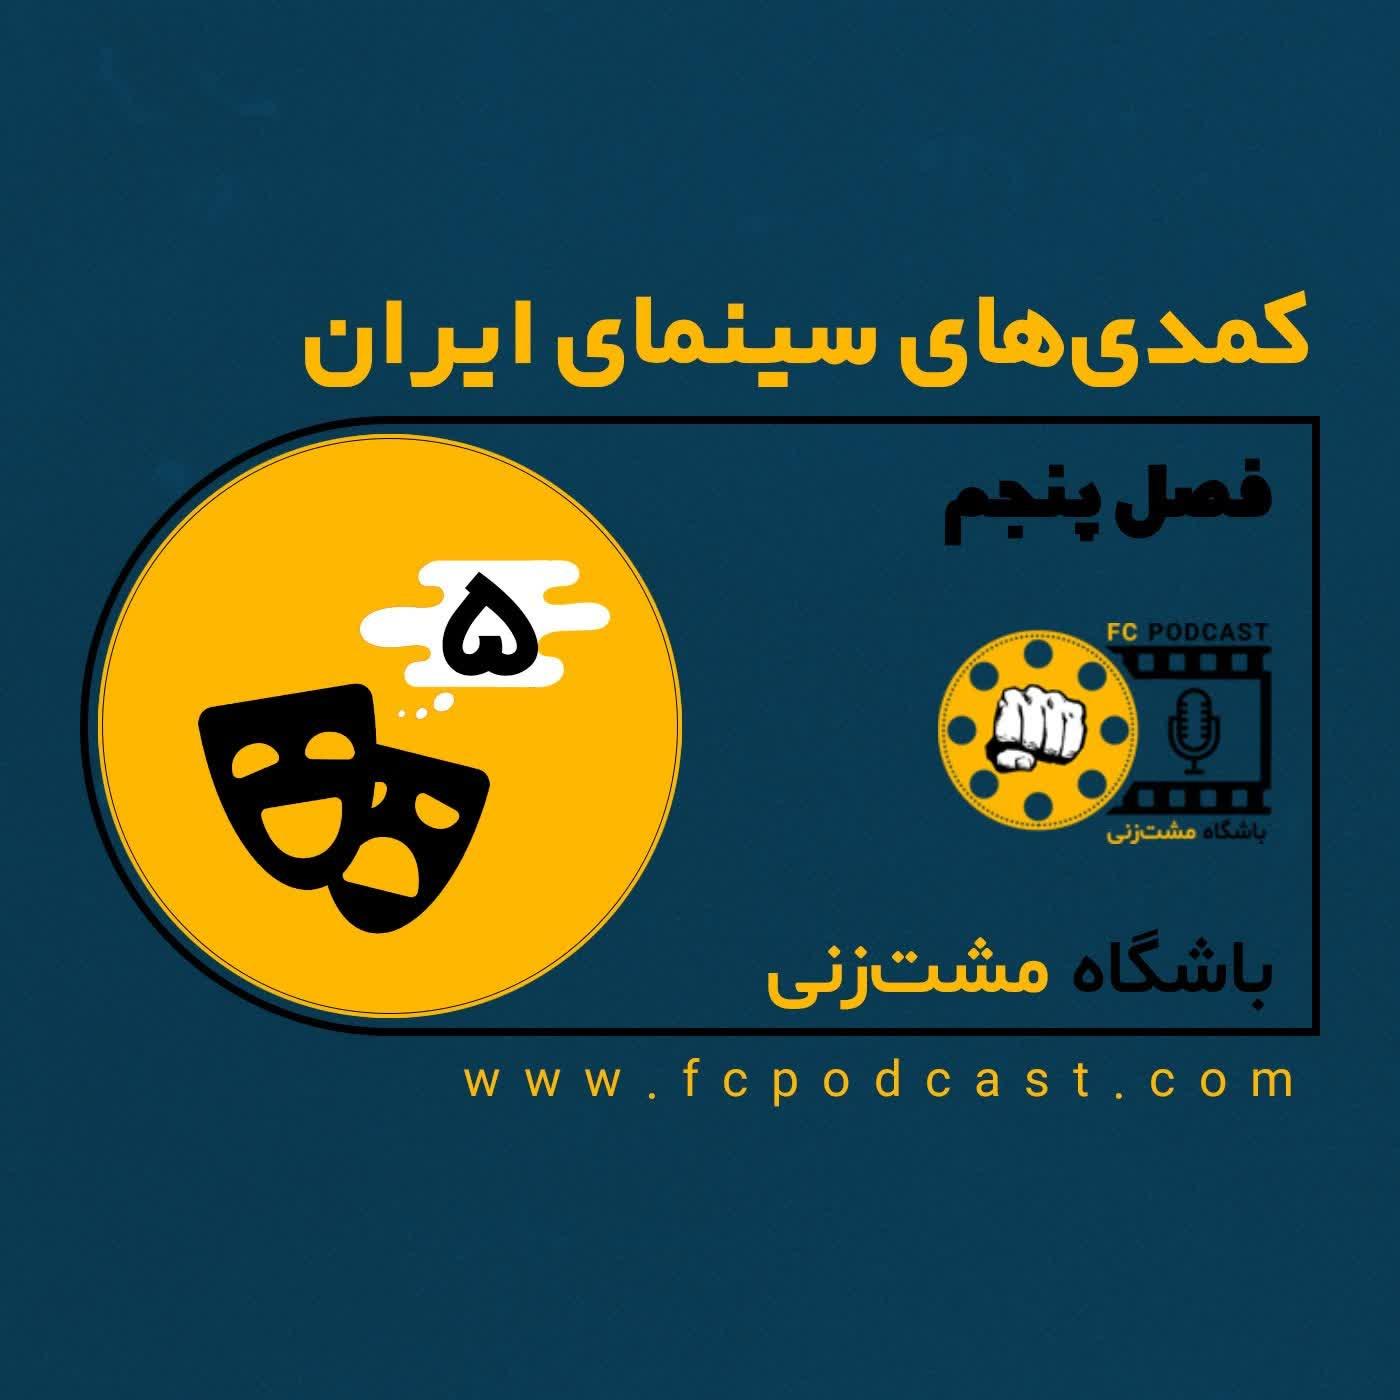 فصل پنجم (کمدی های سینمای ایران) - اپیزود پنجم